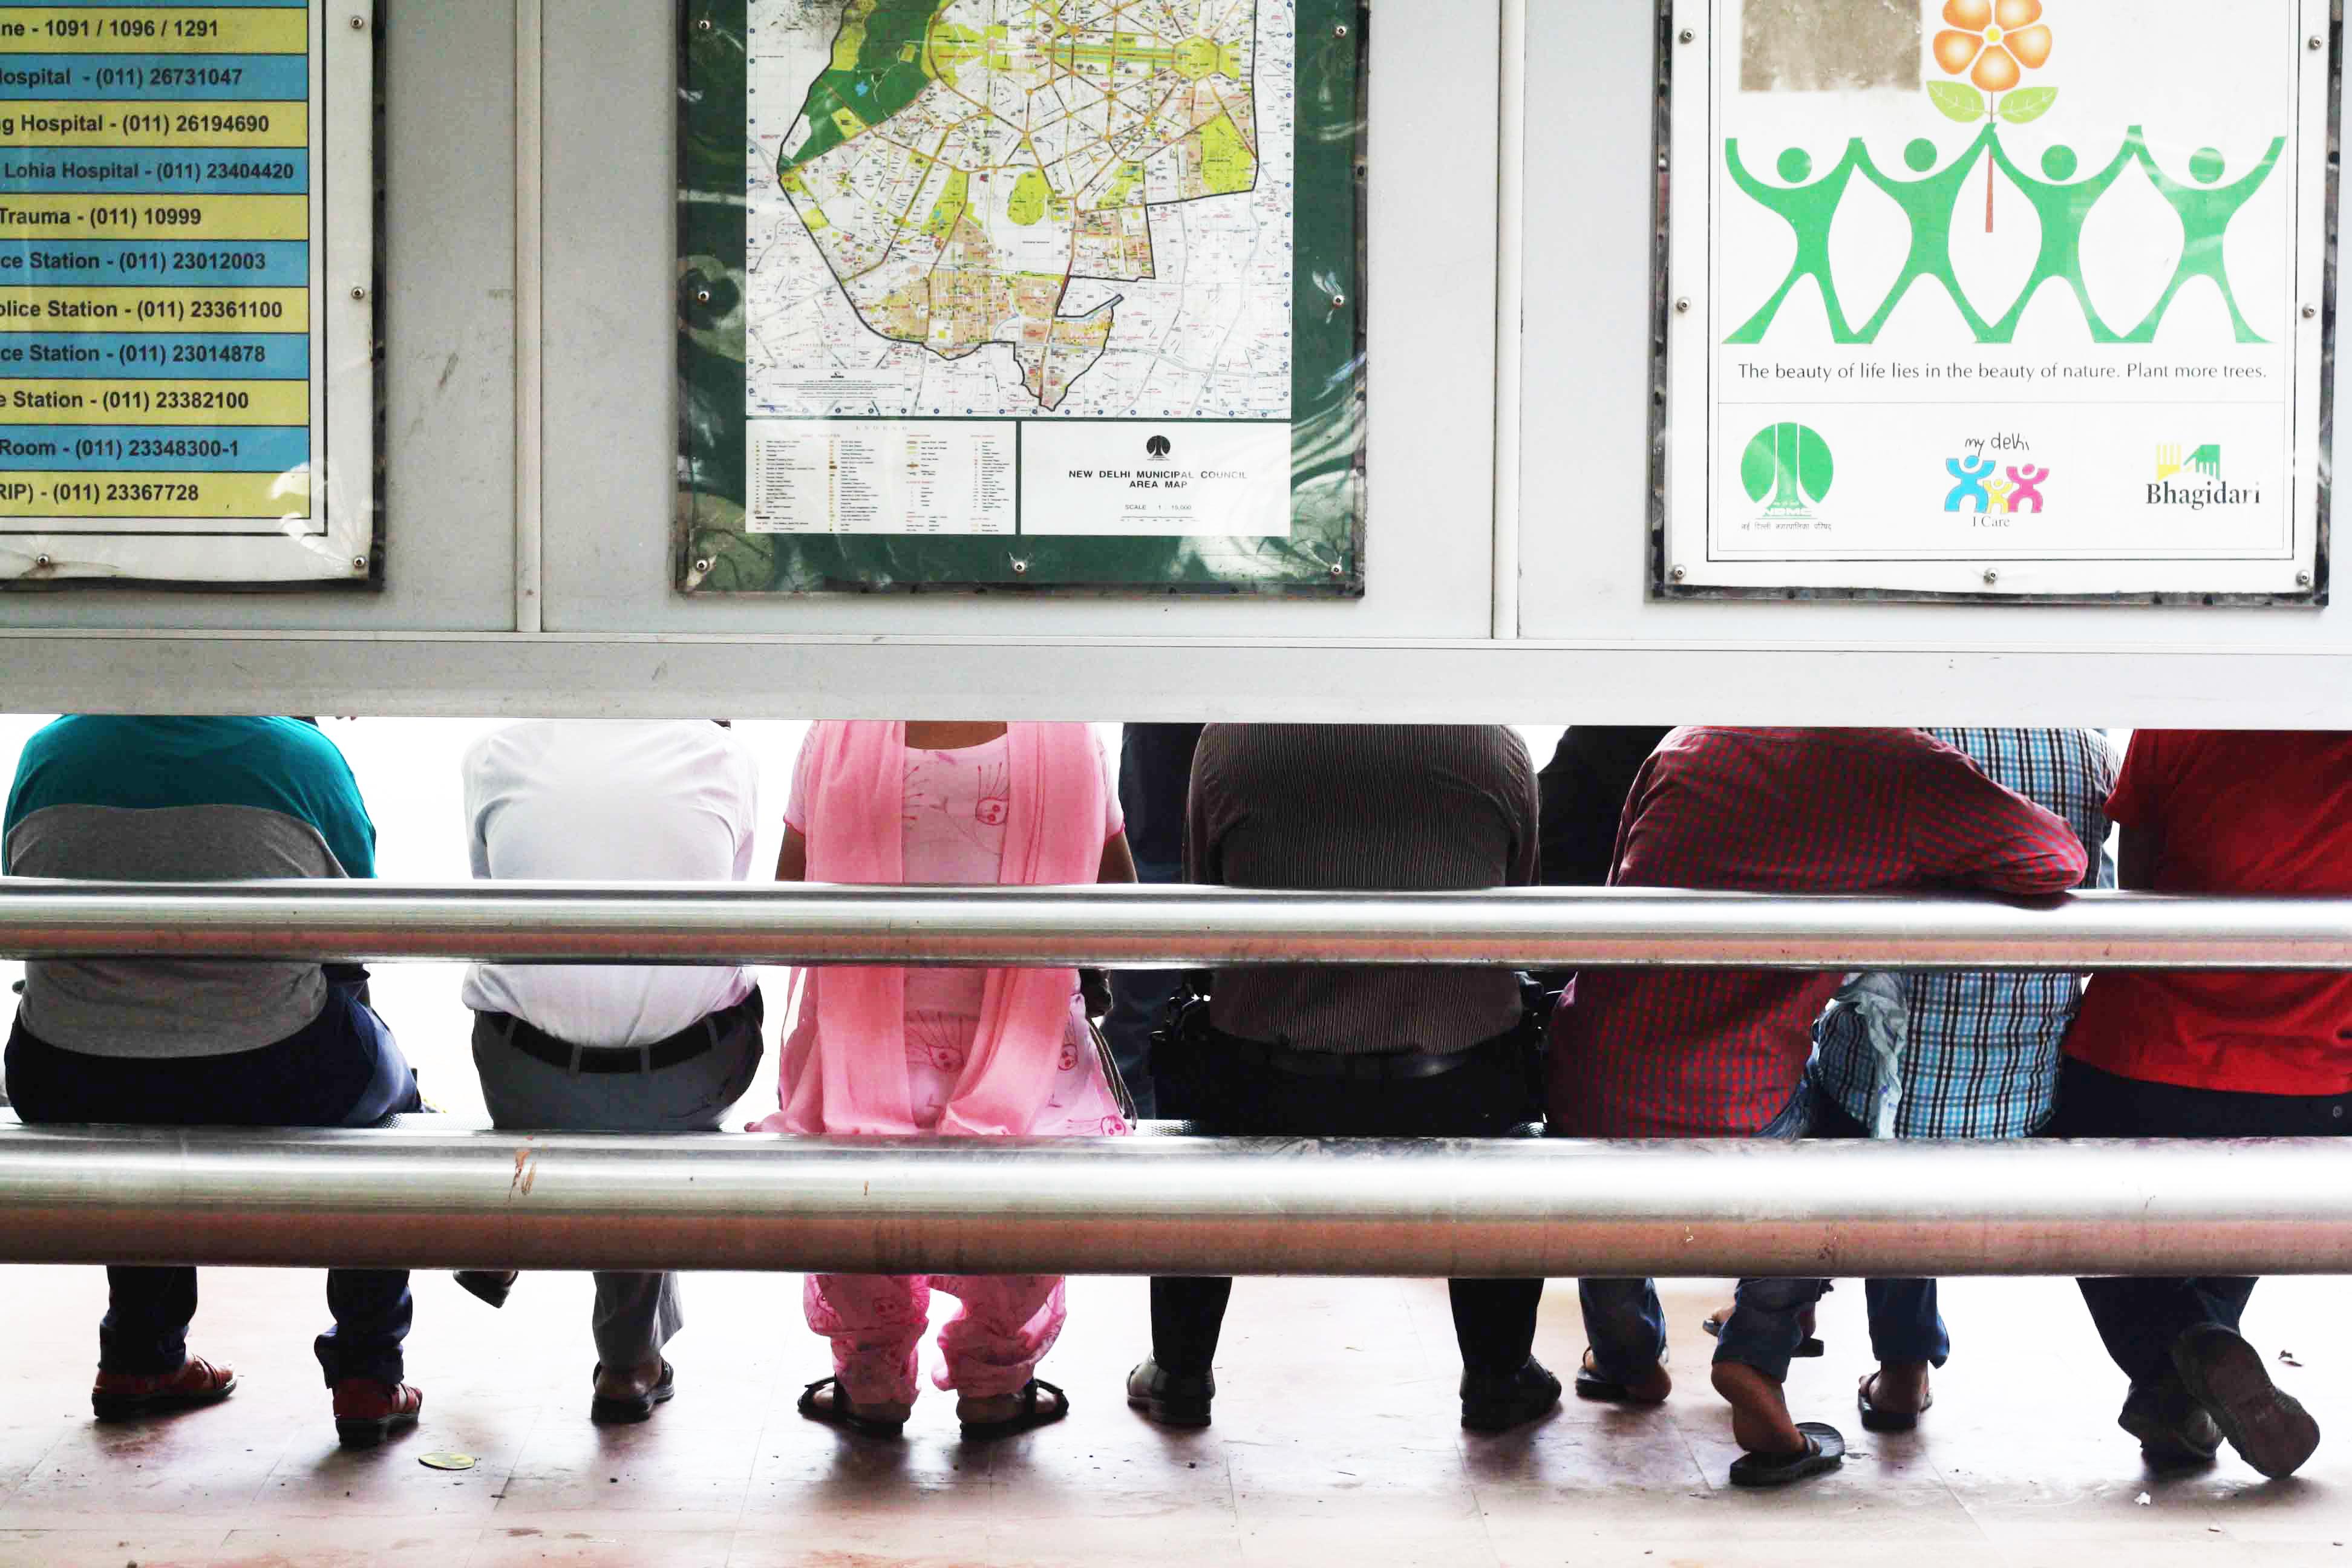 City Project - Capital Sex, Across Delhi